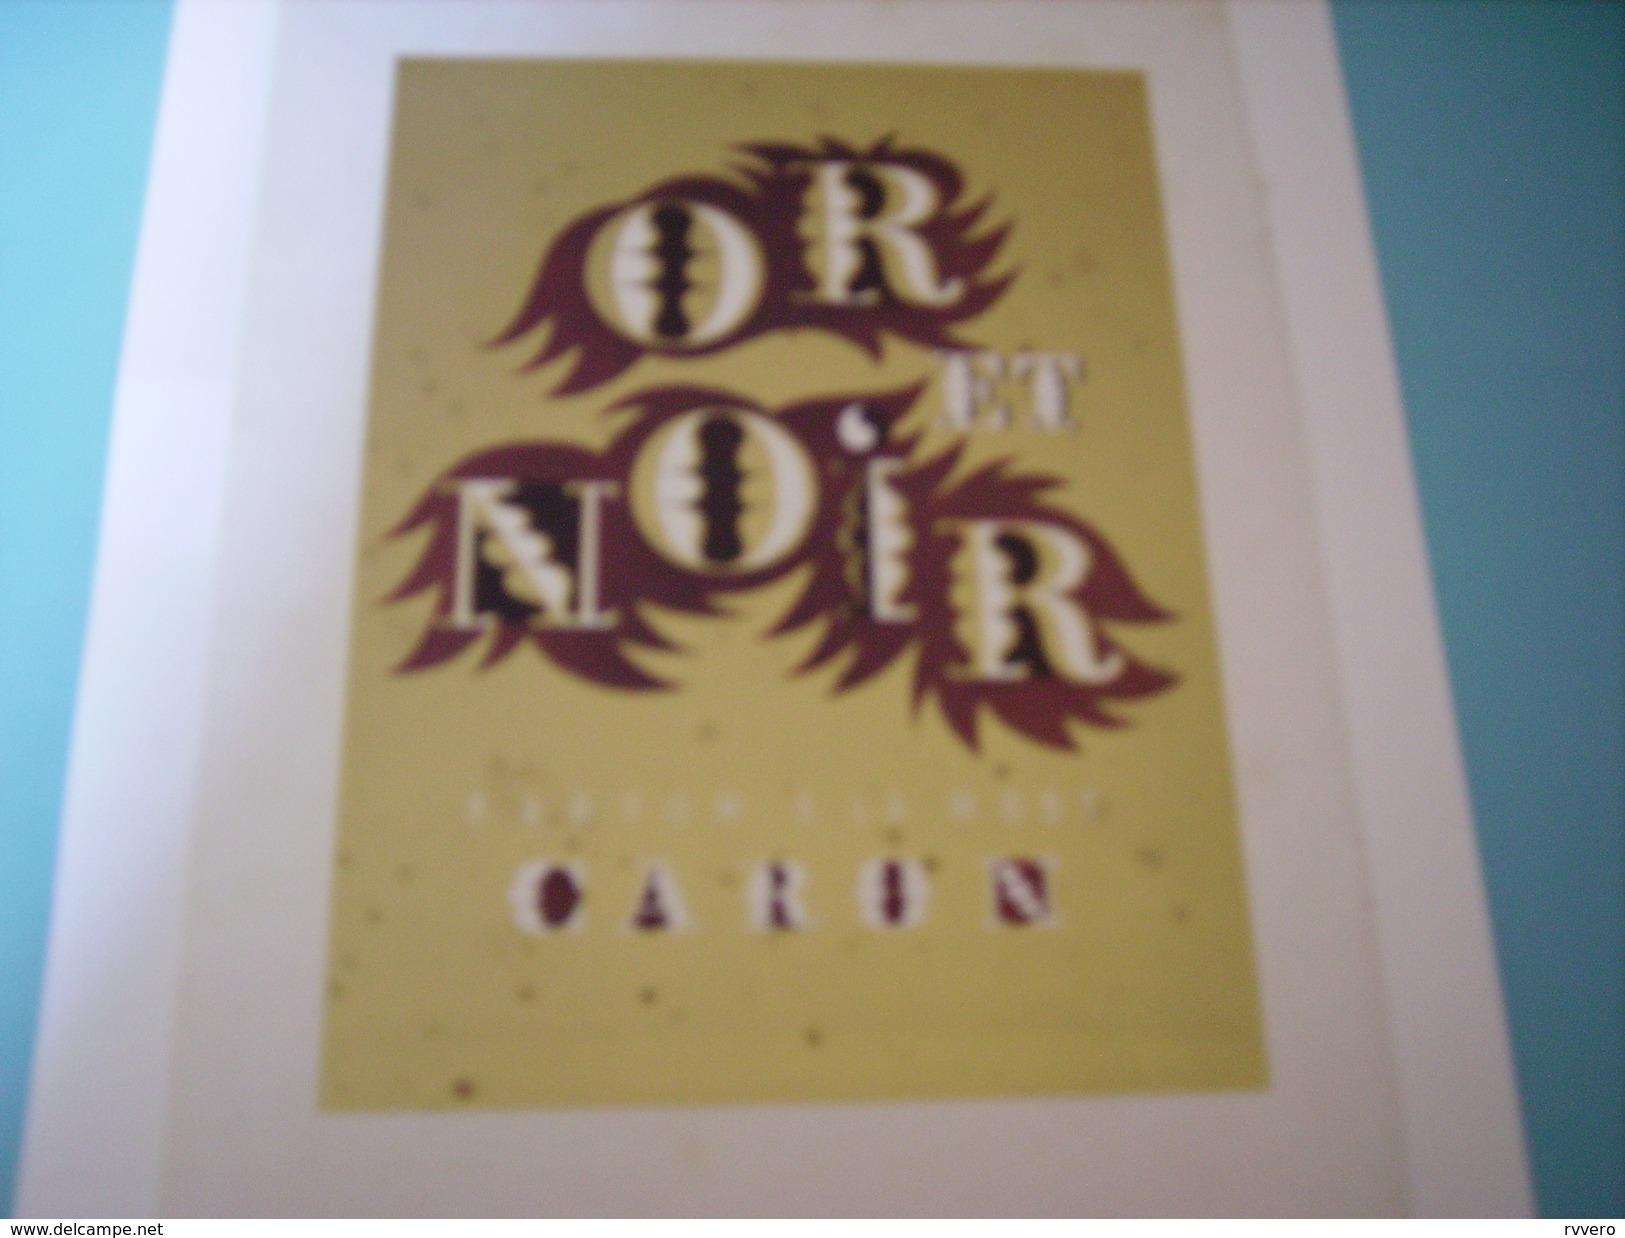 ANCIENNE PUBLICITE PARFUM A LA MODE OR ET NOIR CARON  1949 - Unclassified